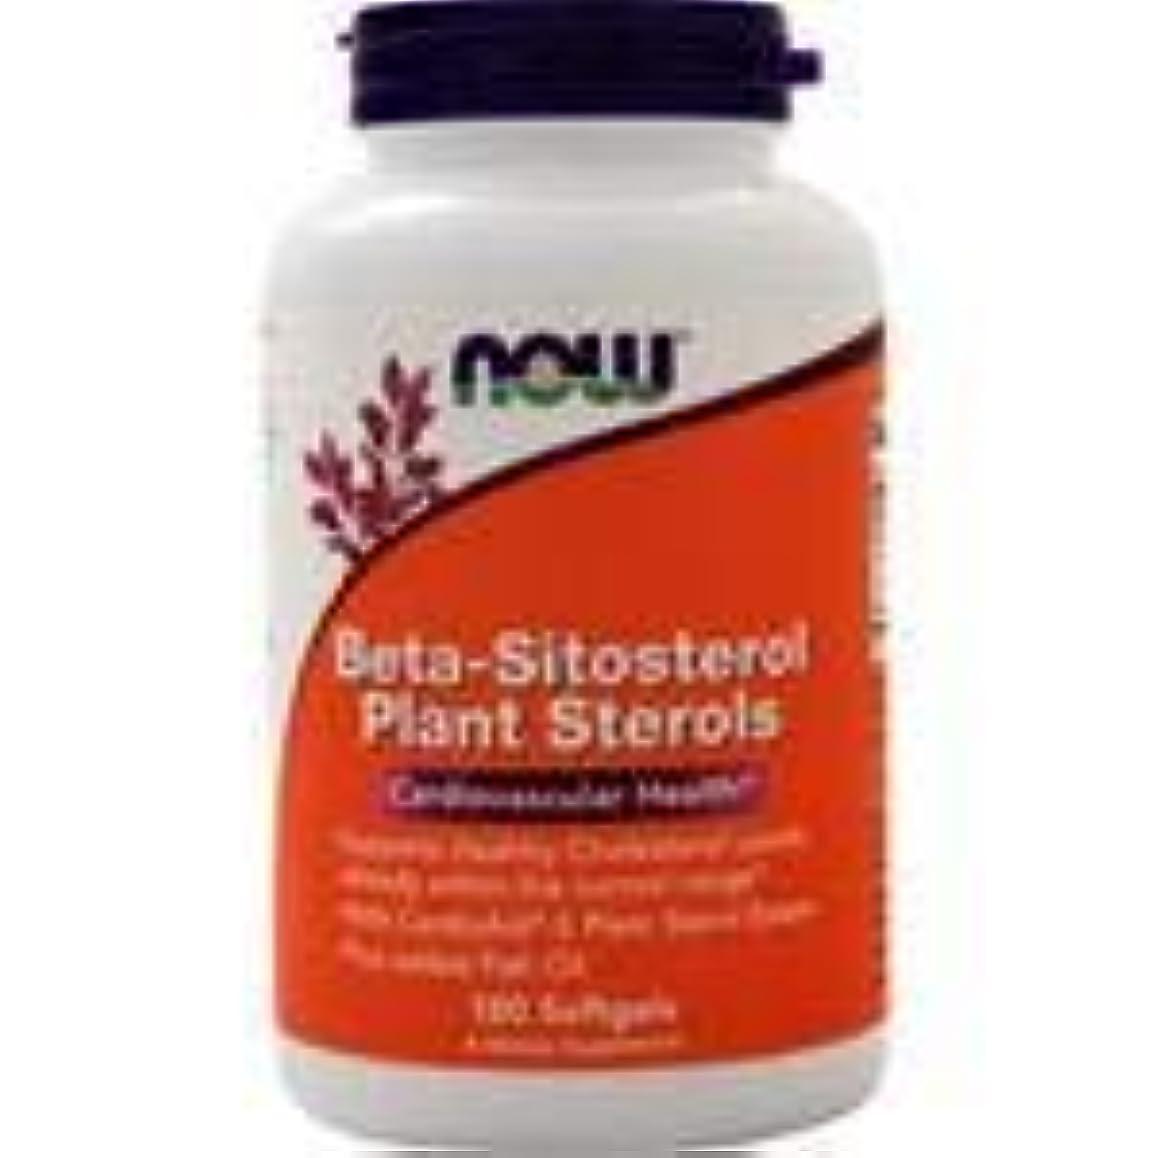 サロンなめるキャンセルベータシトステロール植物ステロール 180 sgels 2個パック